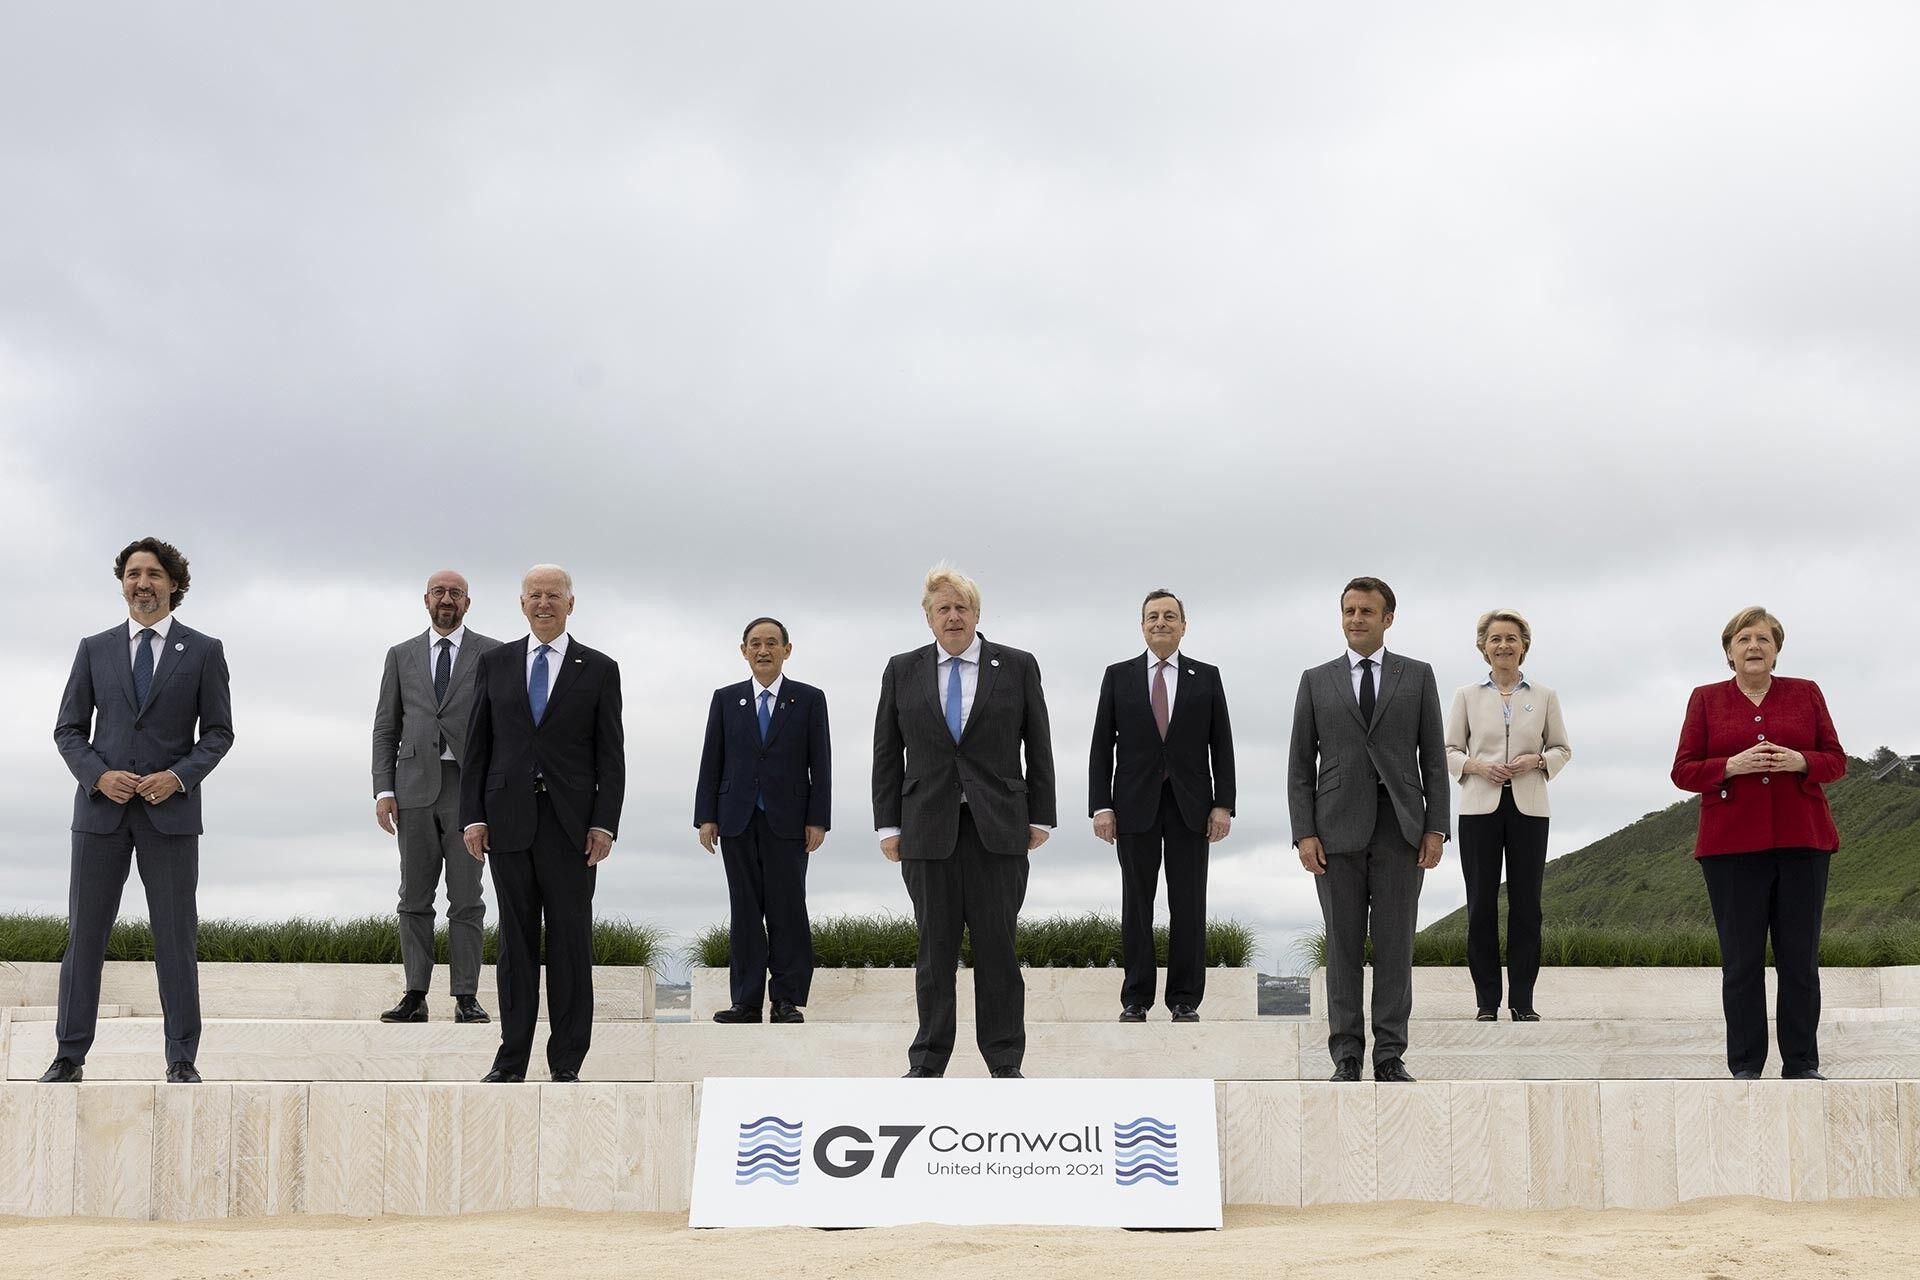 G7Zirvesi: Liderler İngiltere'de Buluştu